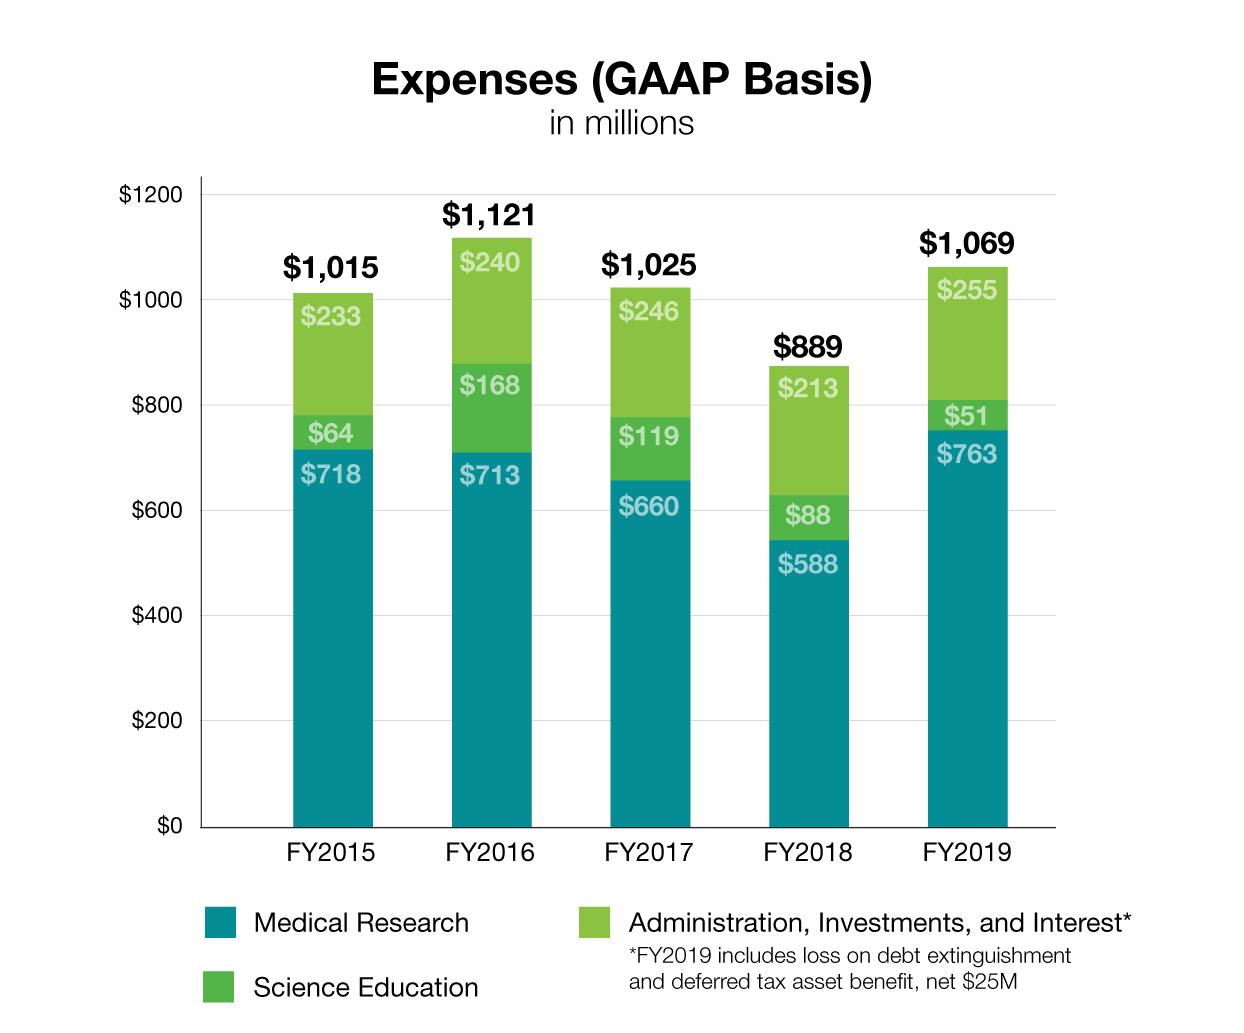 HHMI expenses, 2019